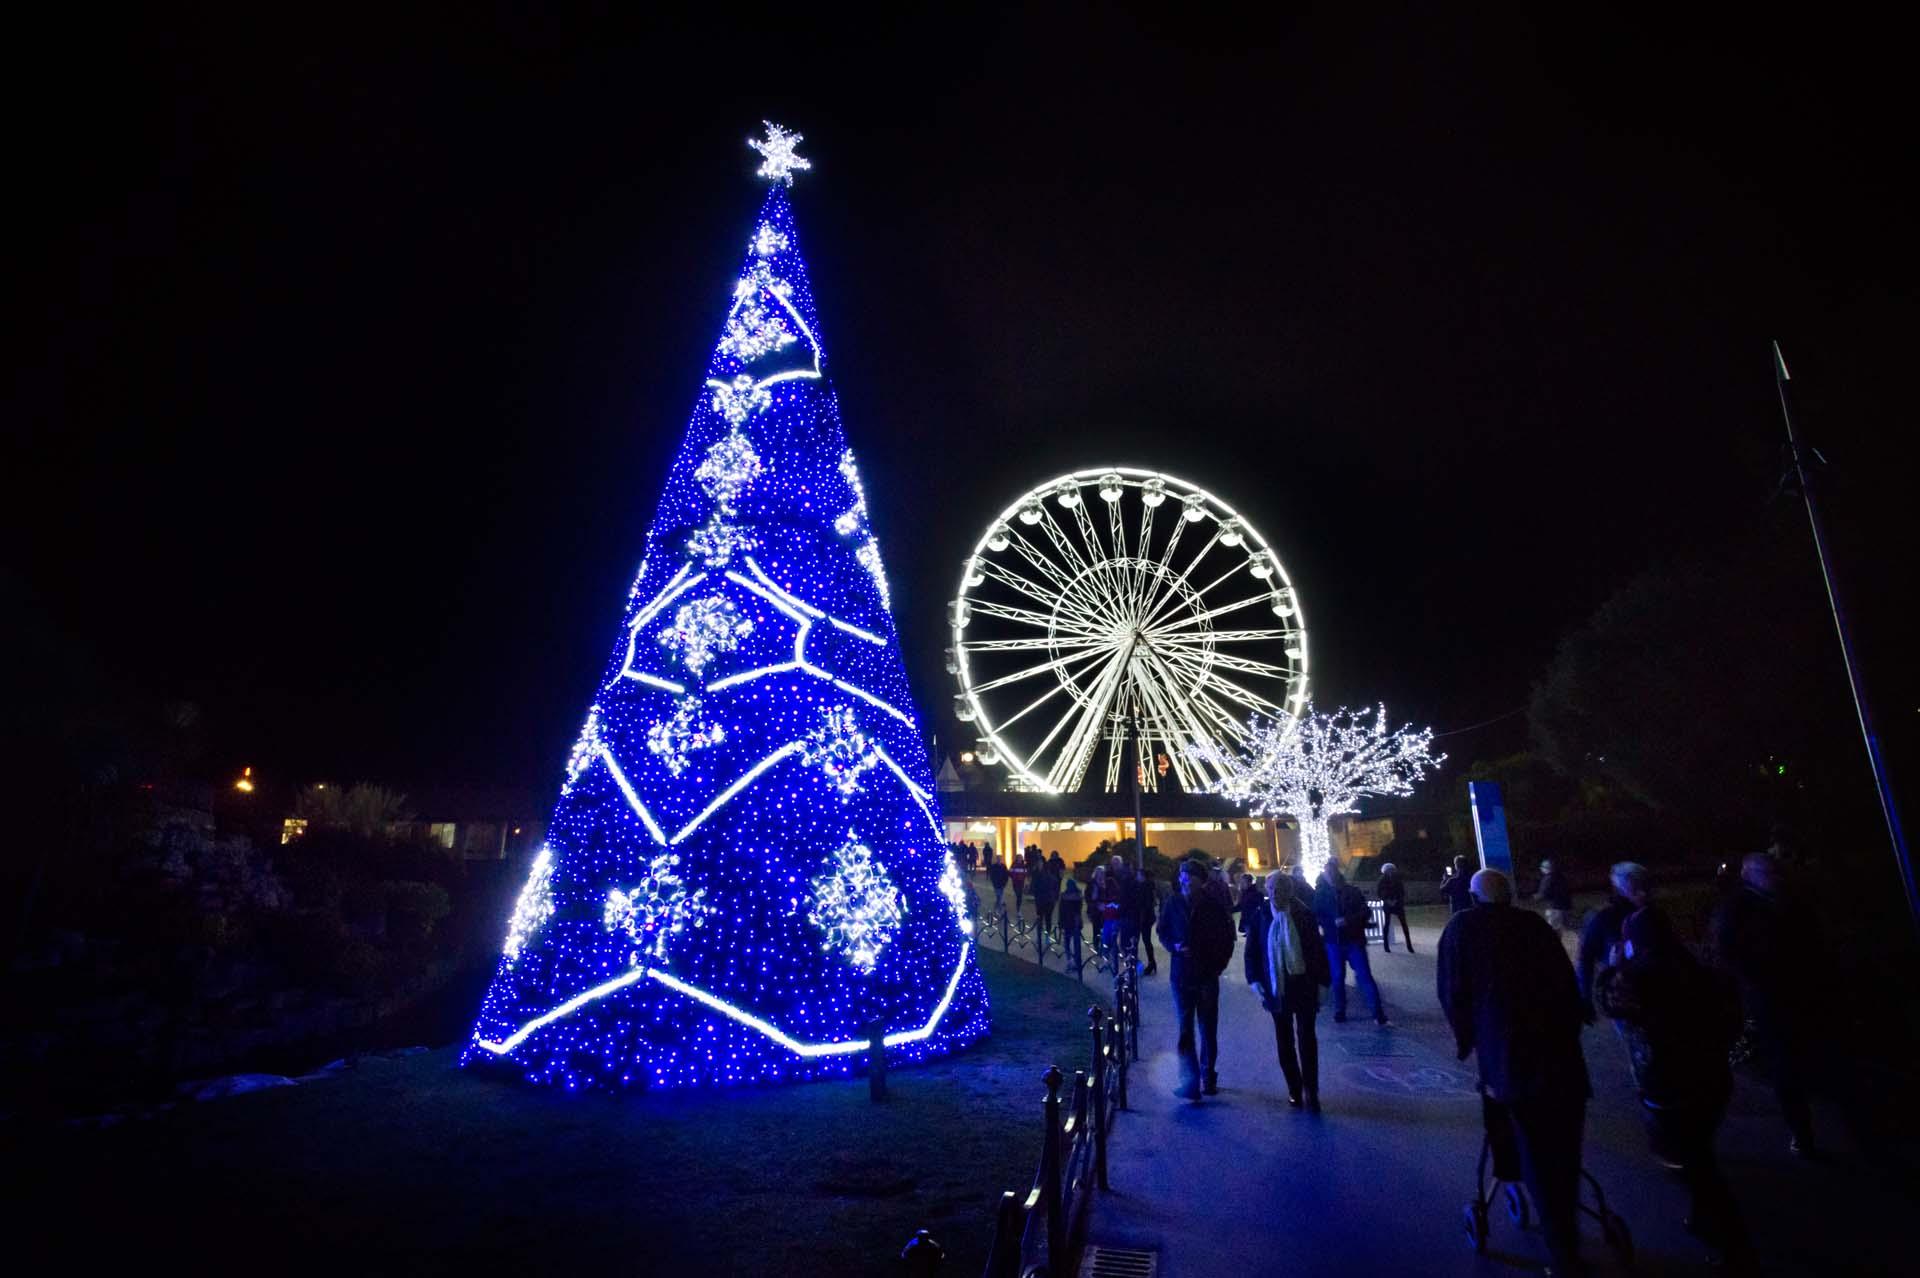 Christmas Tree and Big Wheel lit up for Christmas